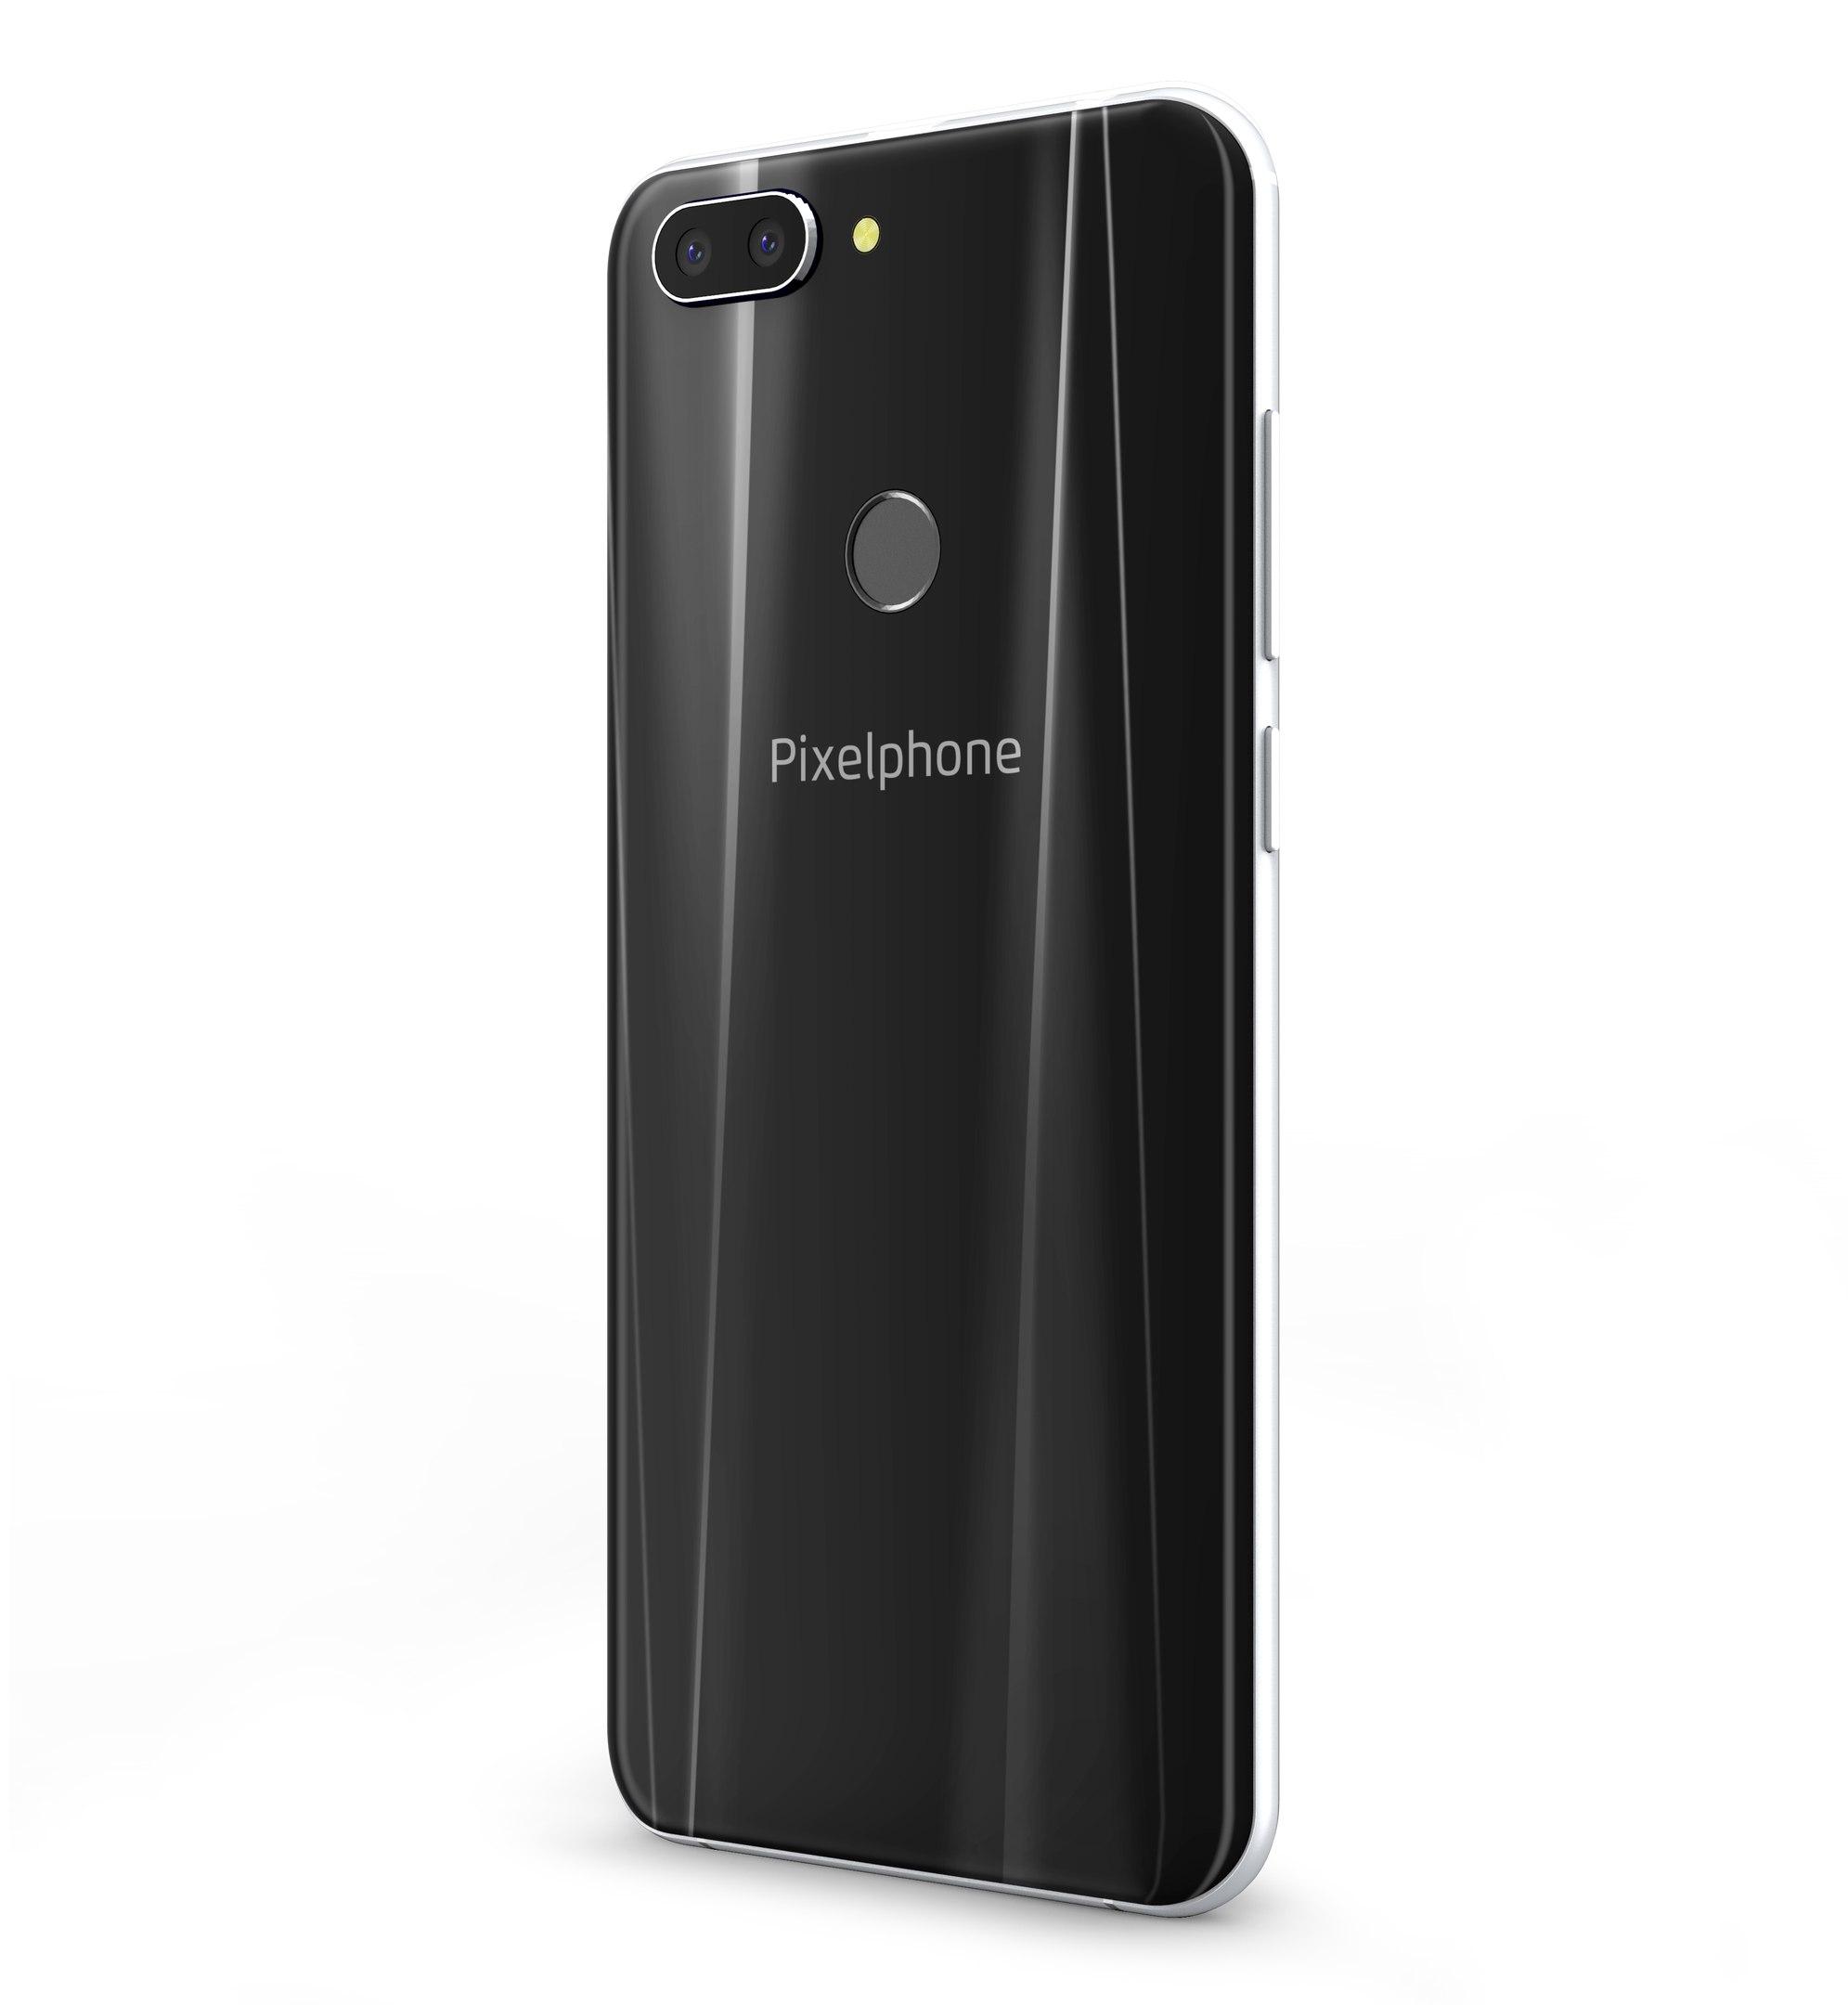 Первый бюджетный смартфон компании Pixelphone представлен официально